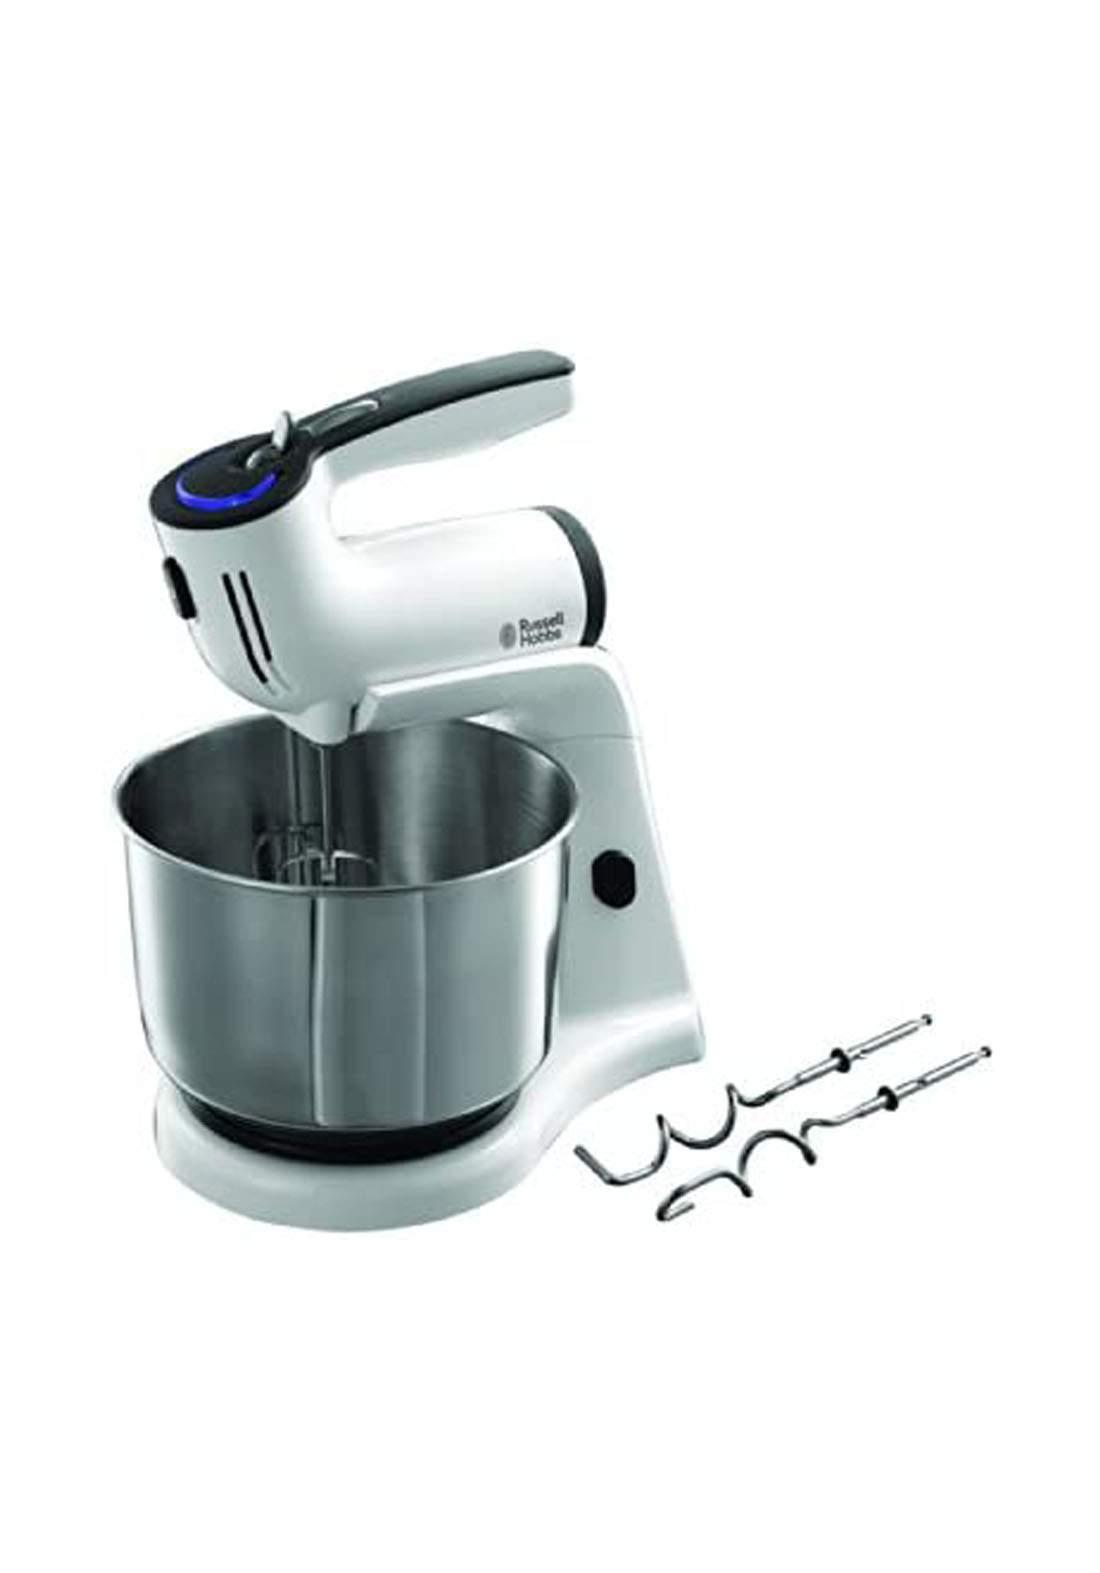 Russell hobbs 21200  Aura Hand Stand Mixer خفاقة كهربائية